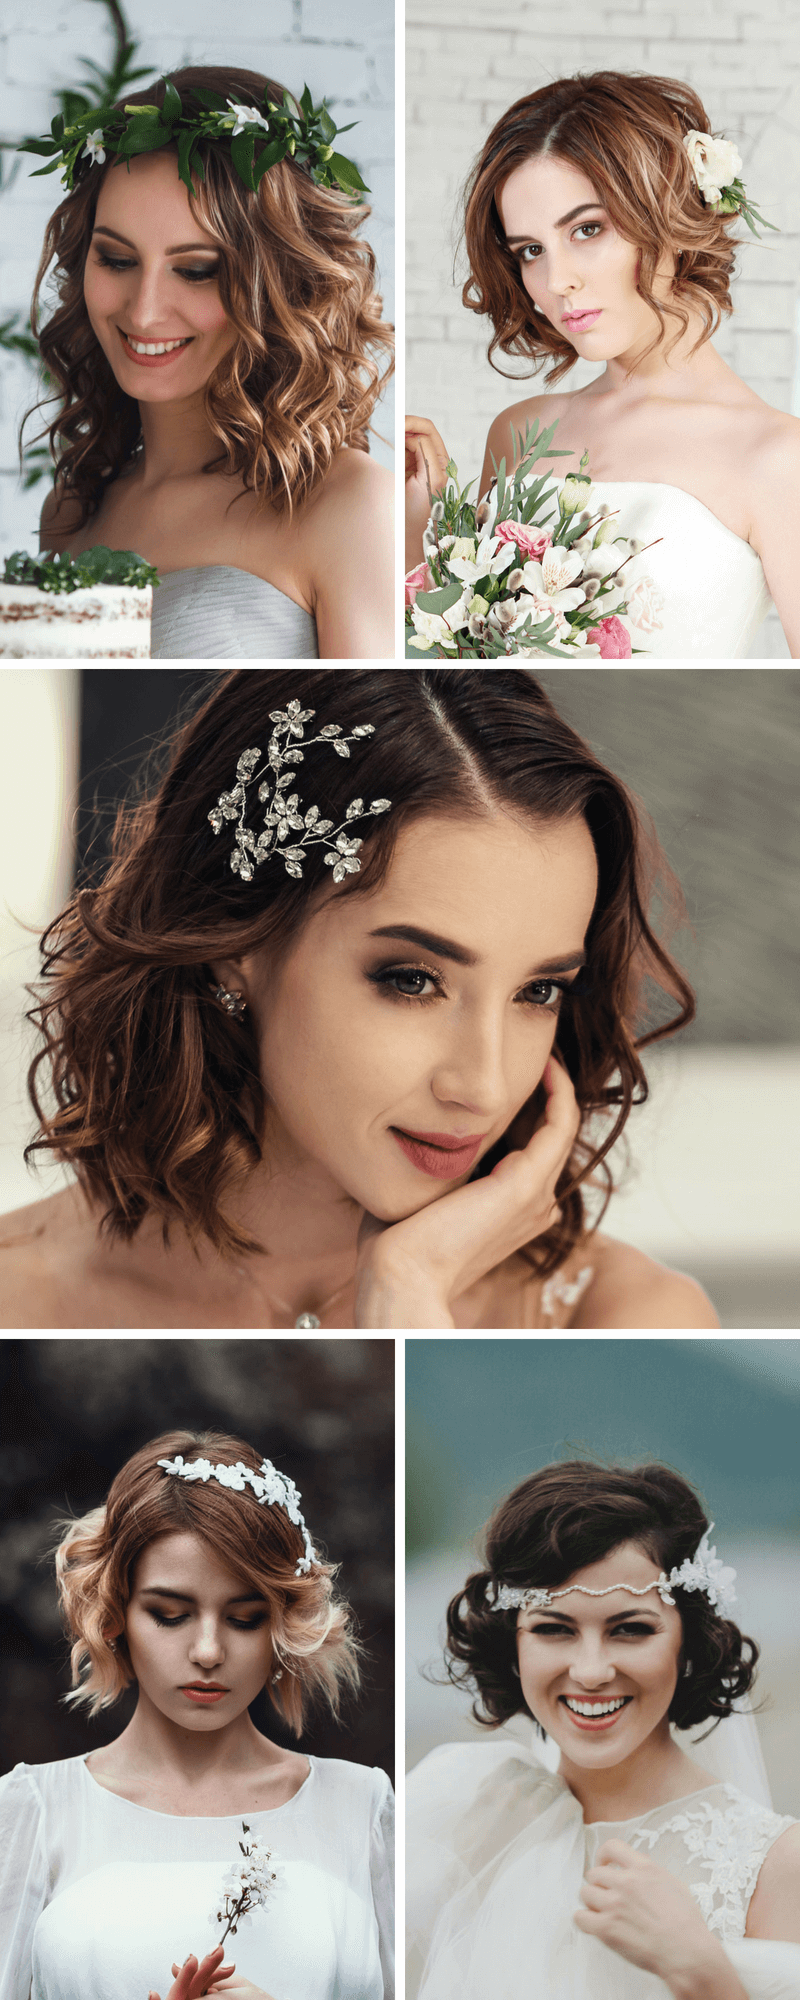 8 Brautfrisur-Ideen für kurze und mittellange Haare - Hochzeitskiste